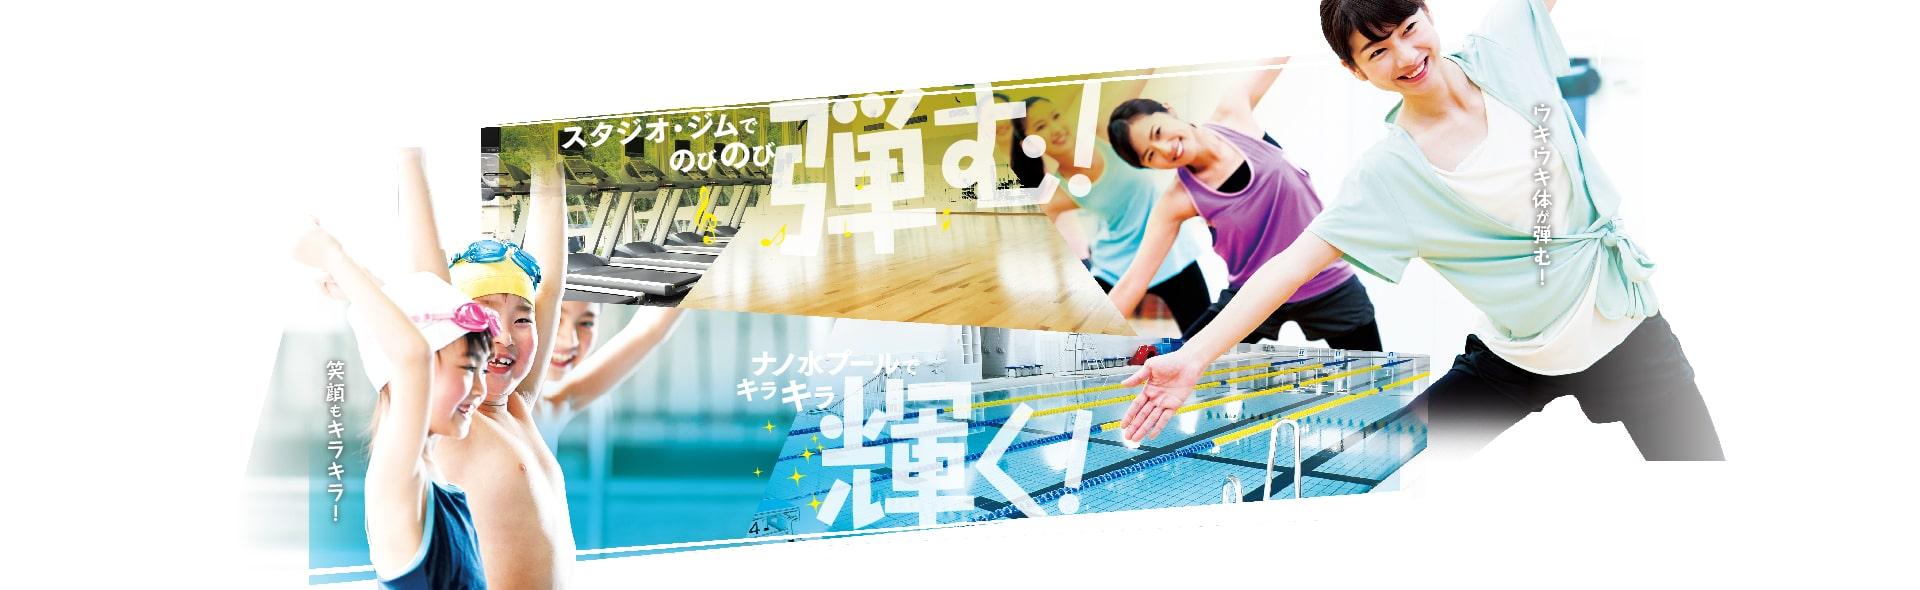 大津市富士見市民温水プール スポック富士見 10/2(火)オープンしました! 見学・入会随時受付中!